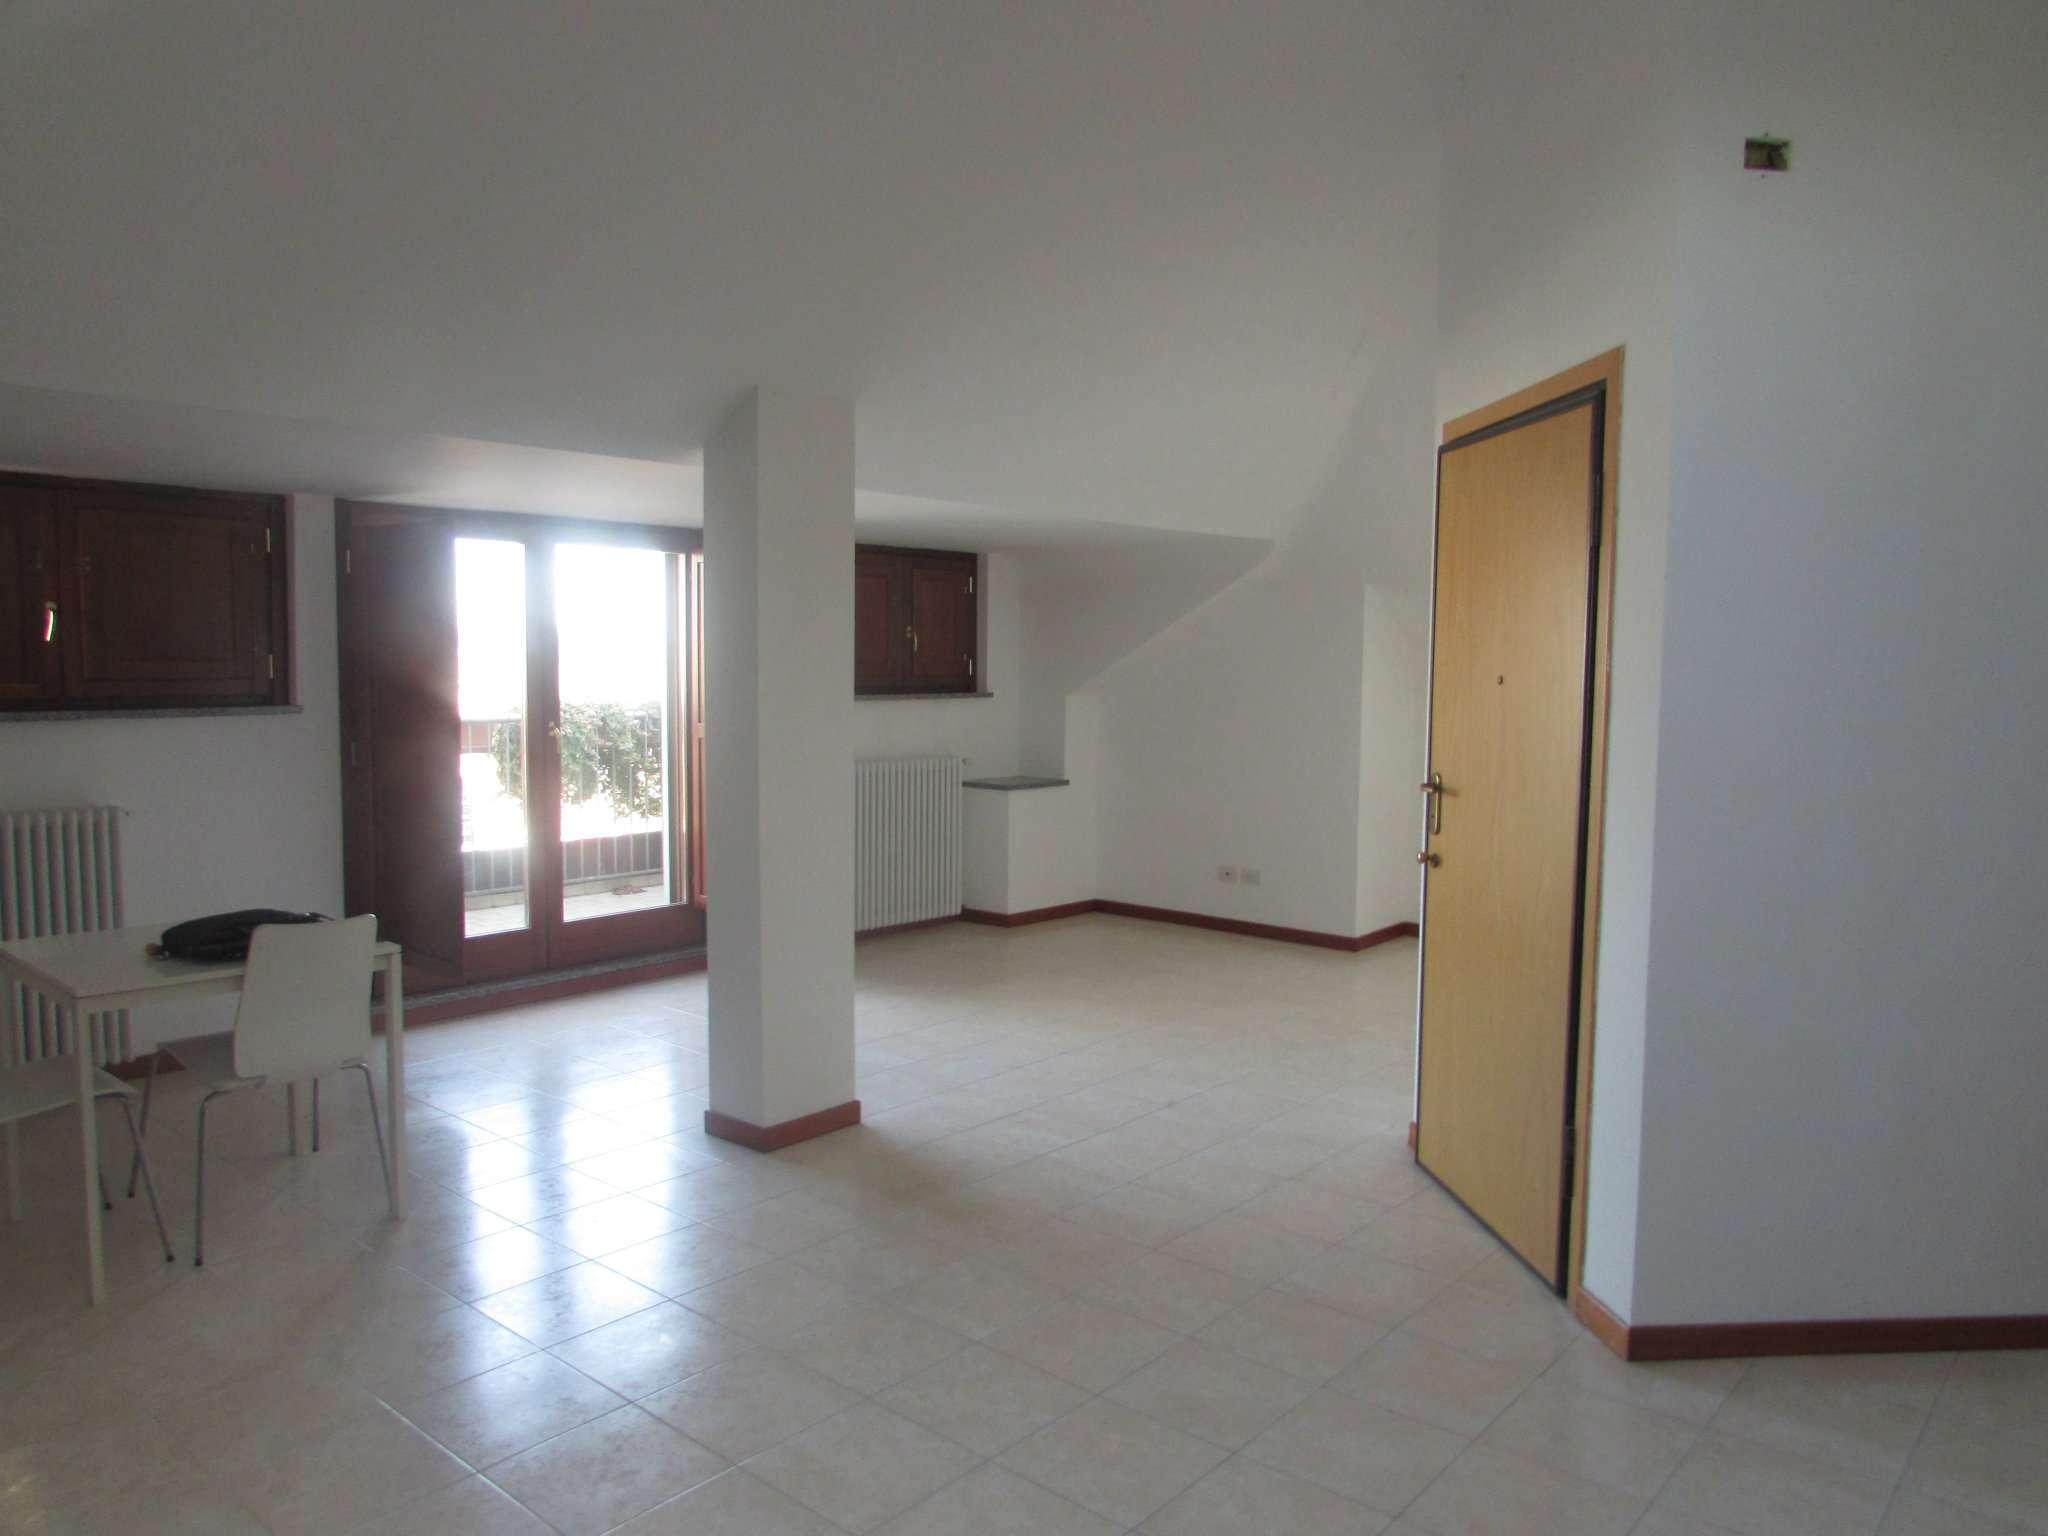 Appartamento in vendita a Melegnano, 3 locali, prezzo € 230.000 | Cambio Casa.it